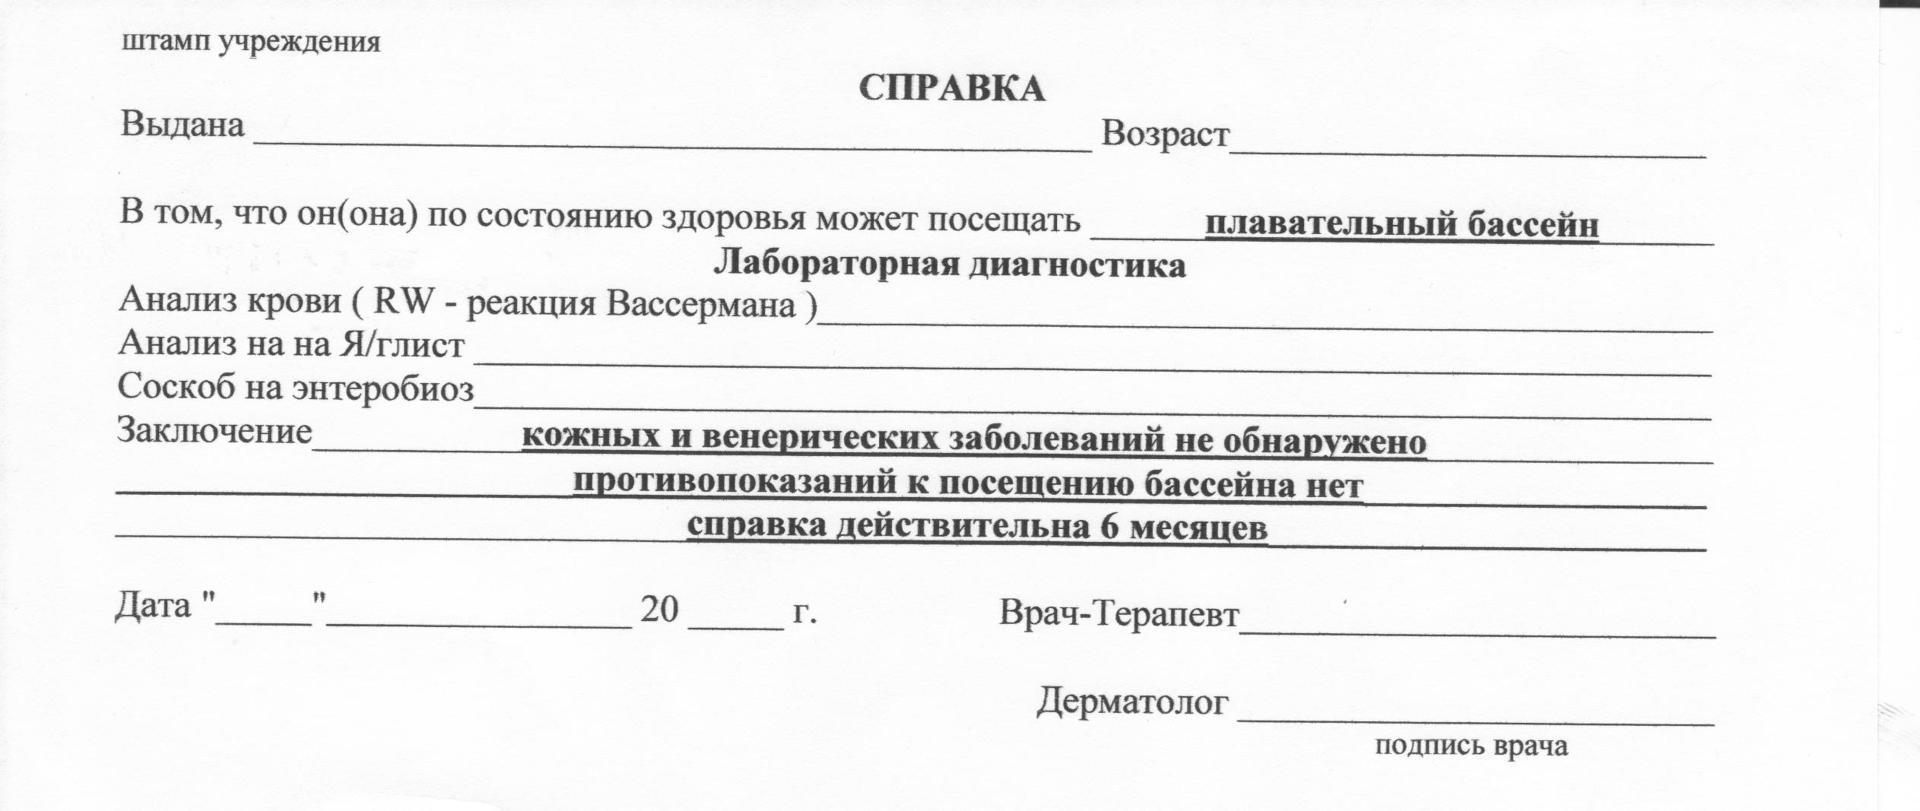 Купить справку в бассейн в Ивантеевке с доставкой от терапевта